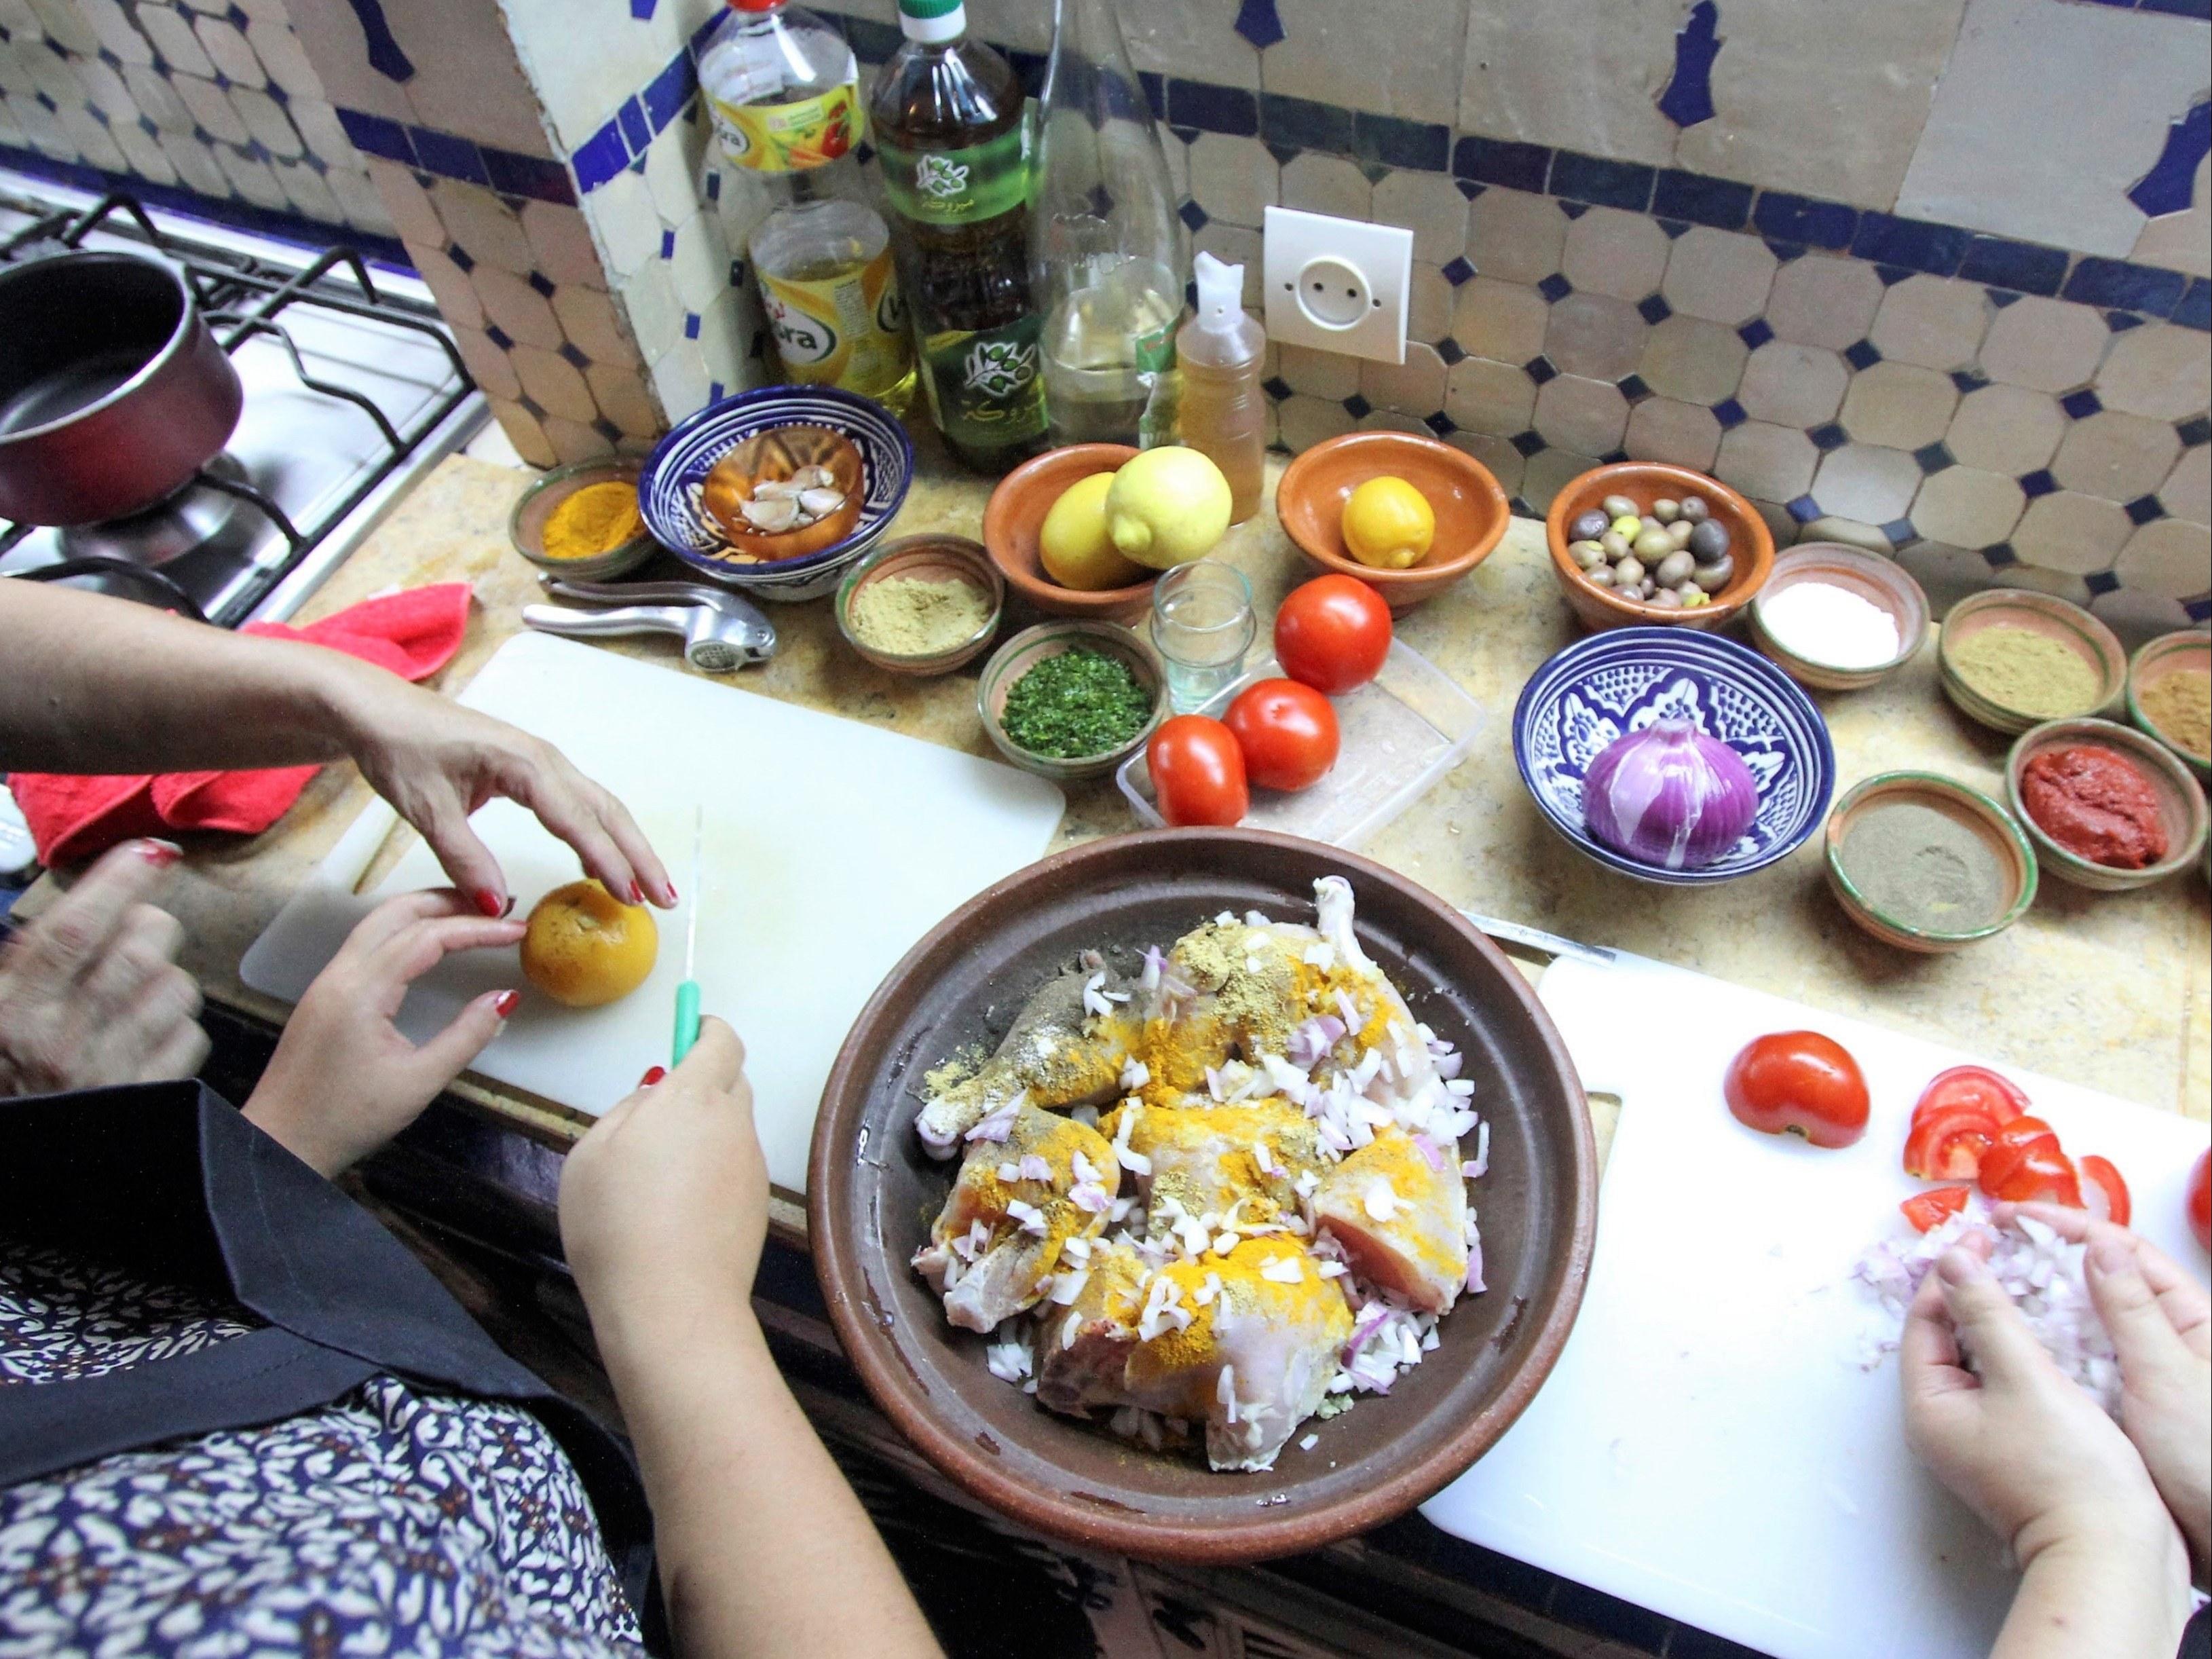 restaurant-marocain-marrakech-cours-cuisine-couscous-viande-legume